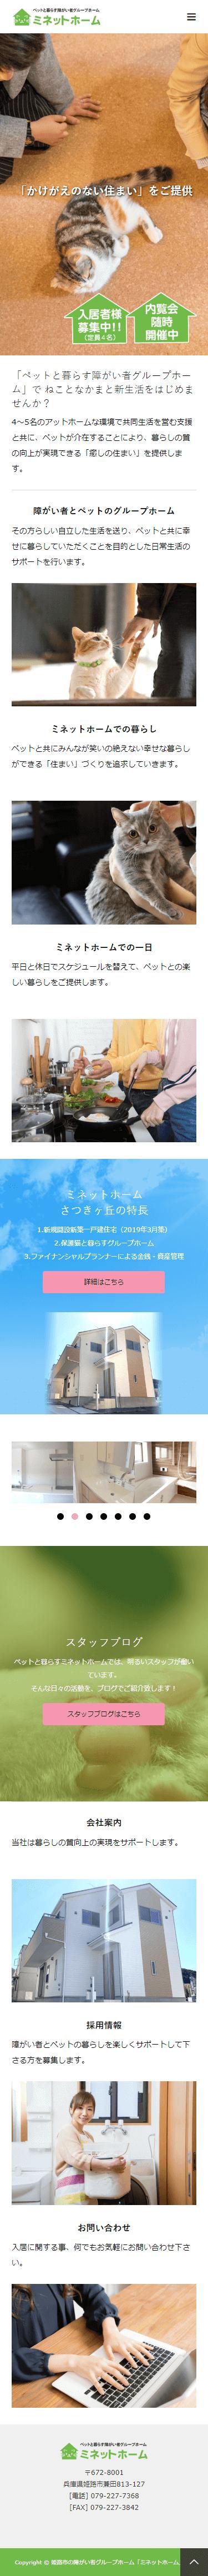 姫路市 ミネットホーム ホームページ制作3